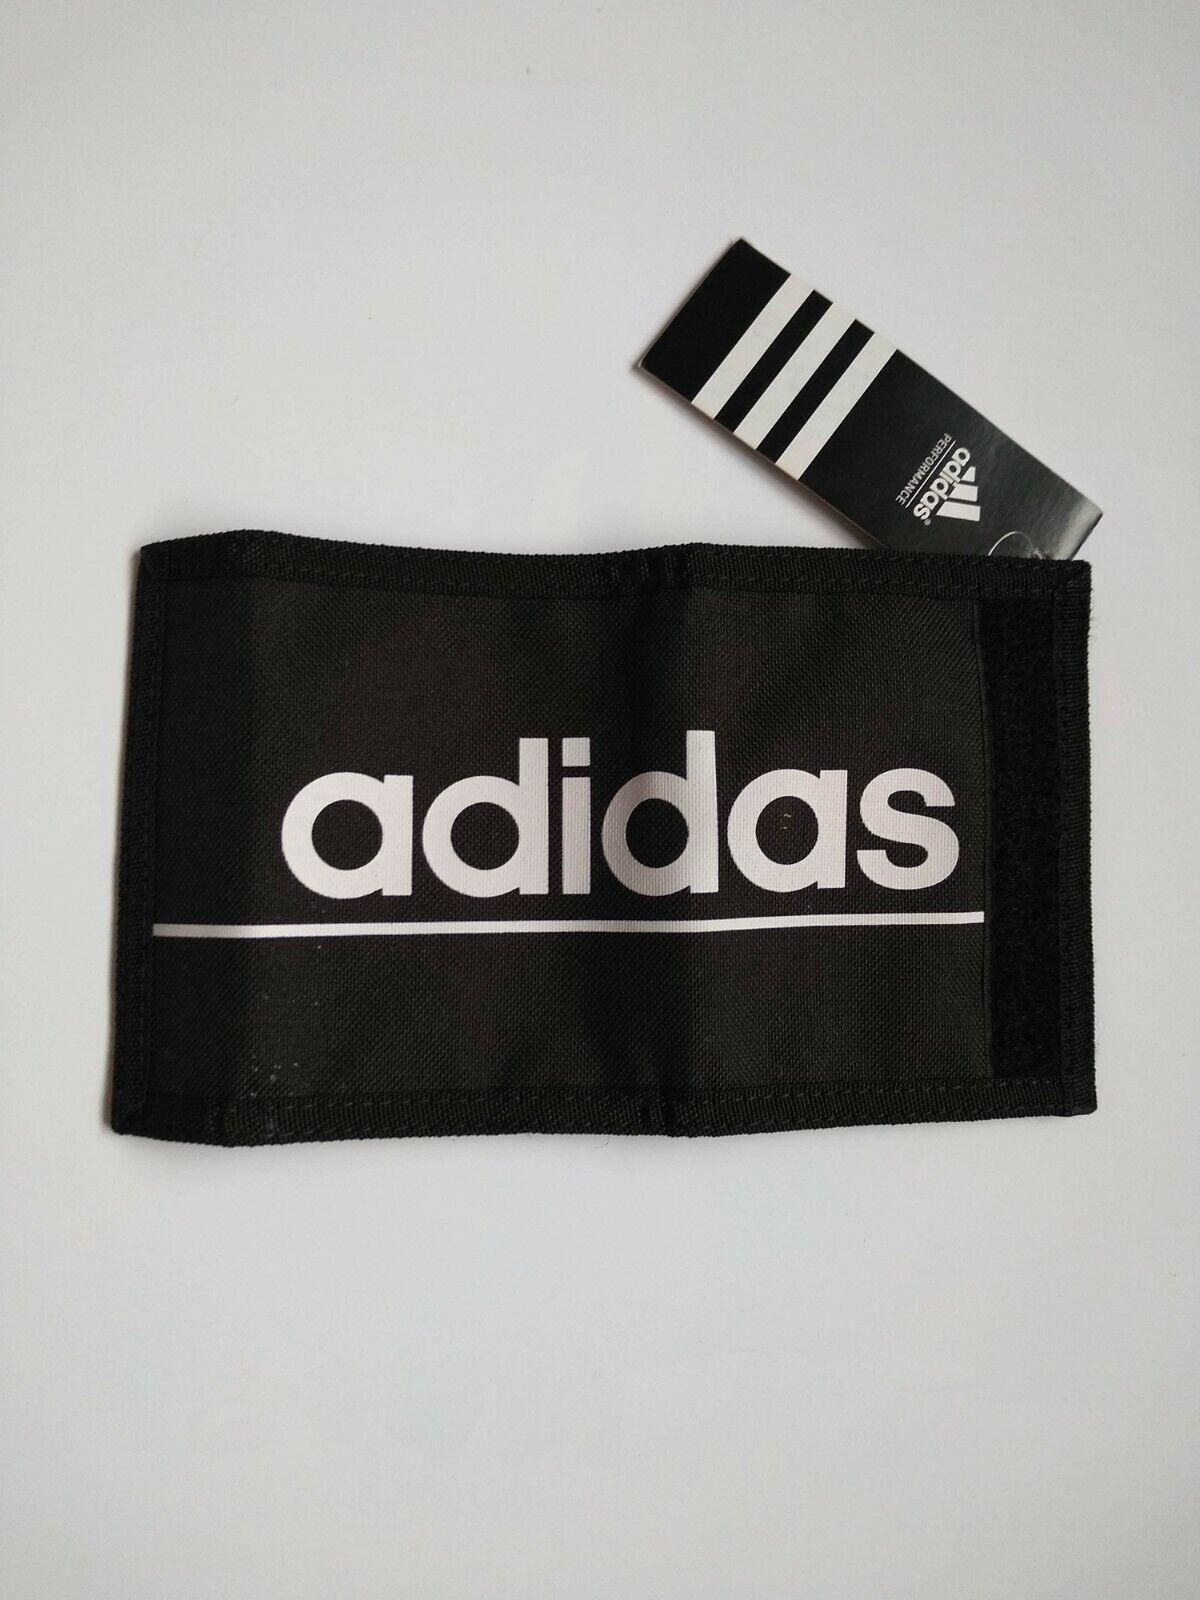 Adidas Wallet Wallet, Z26818 Linear ESS Wall (1